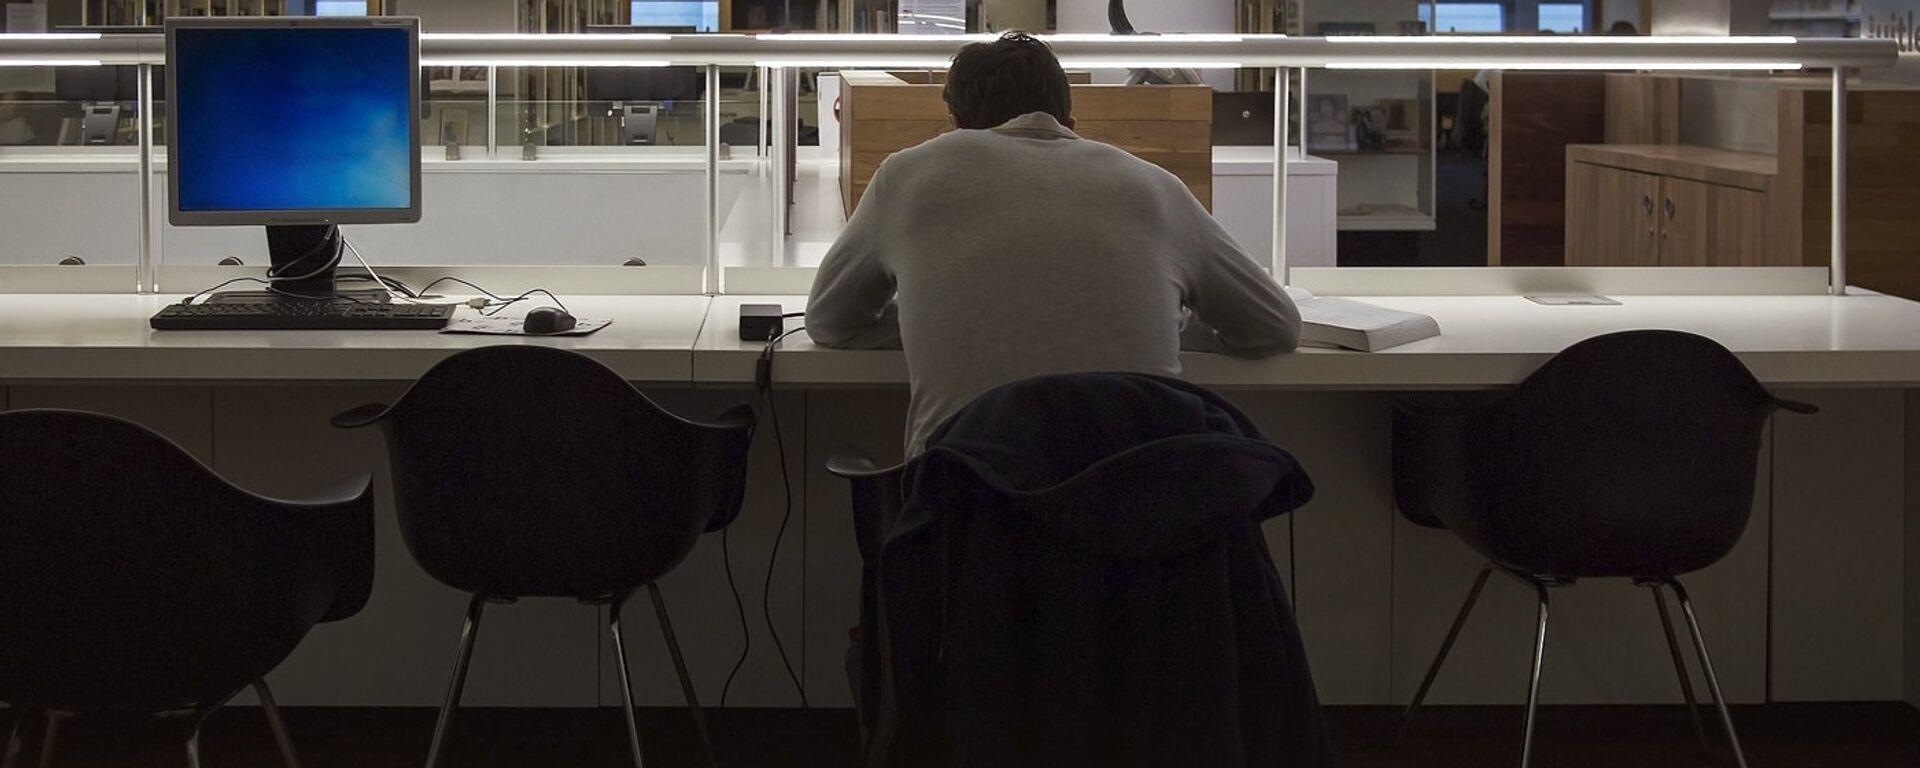 Мужчина в пустом офисе - Sputnik Латвия, 1920, 21.09.2020